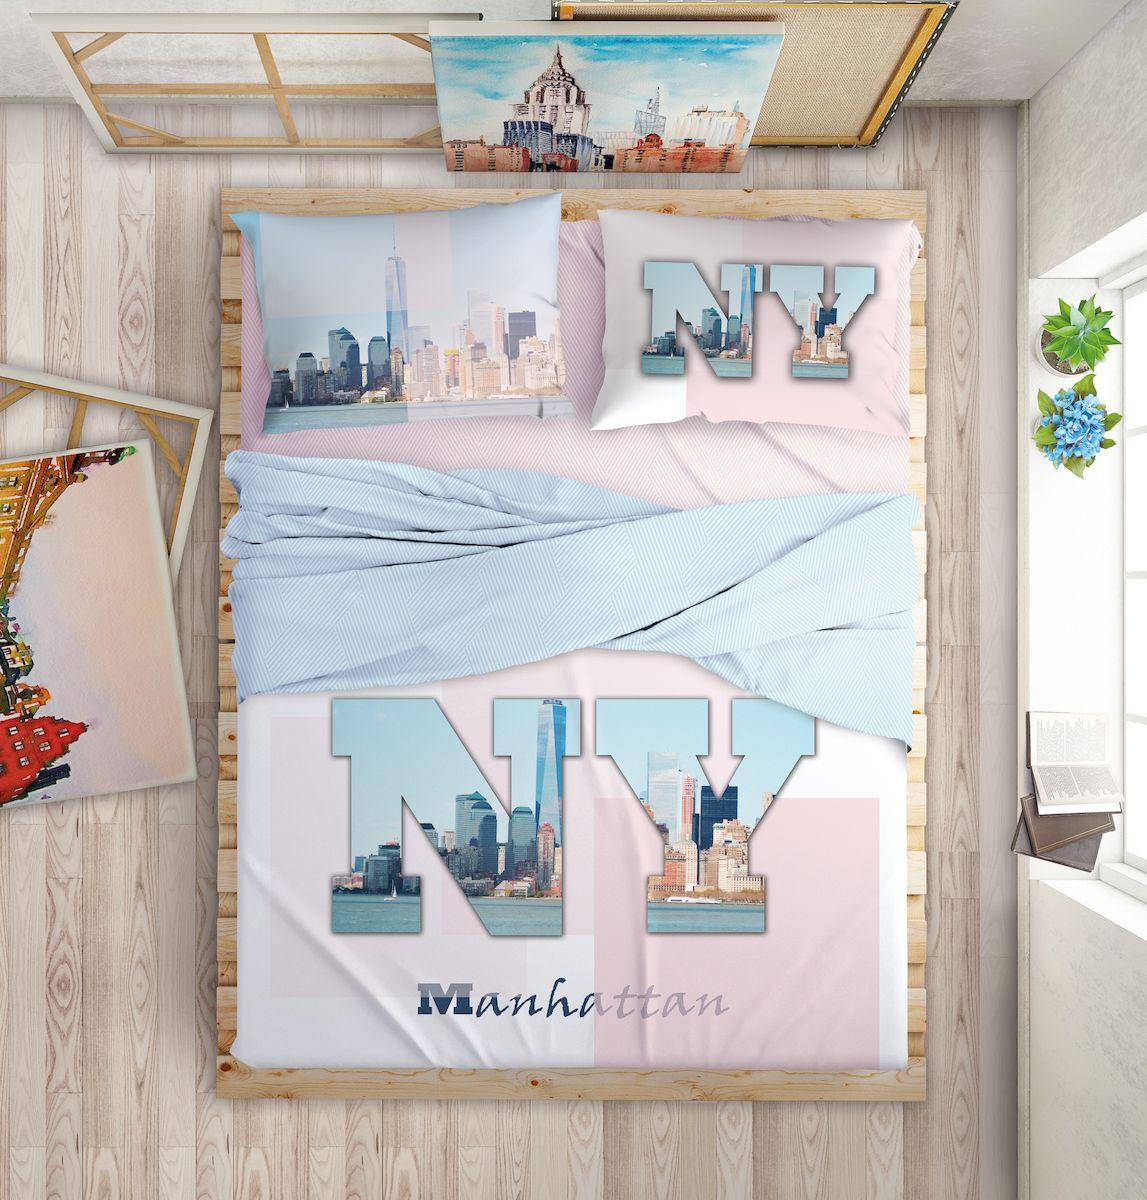 Комплект белья Love Me Manhattan Dreams, евро, наволочки 50х70, 70х70, цвет: голубой комплект постельного белья love me евро перкаль tropic 198862 711079